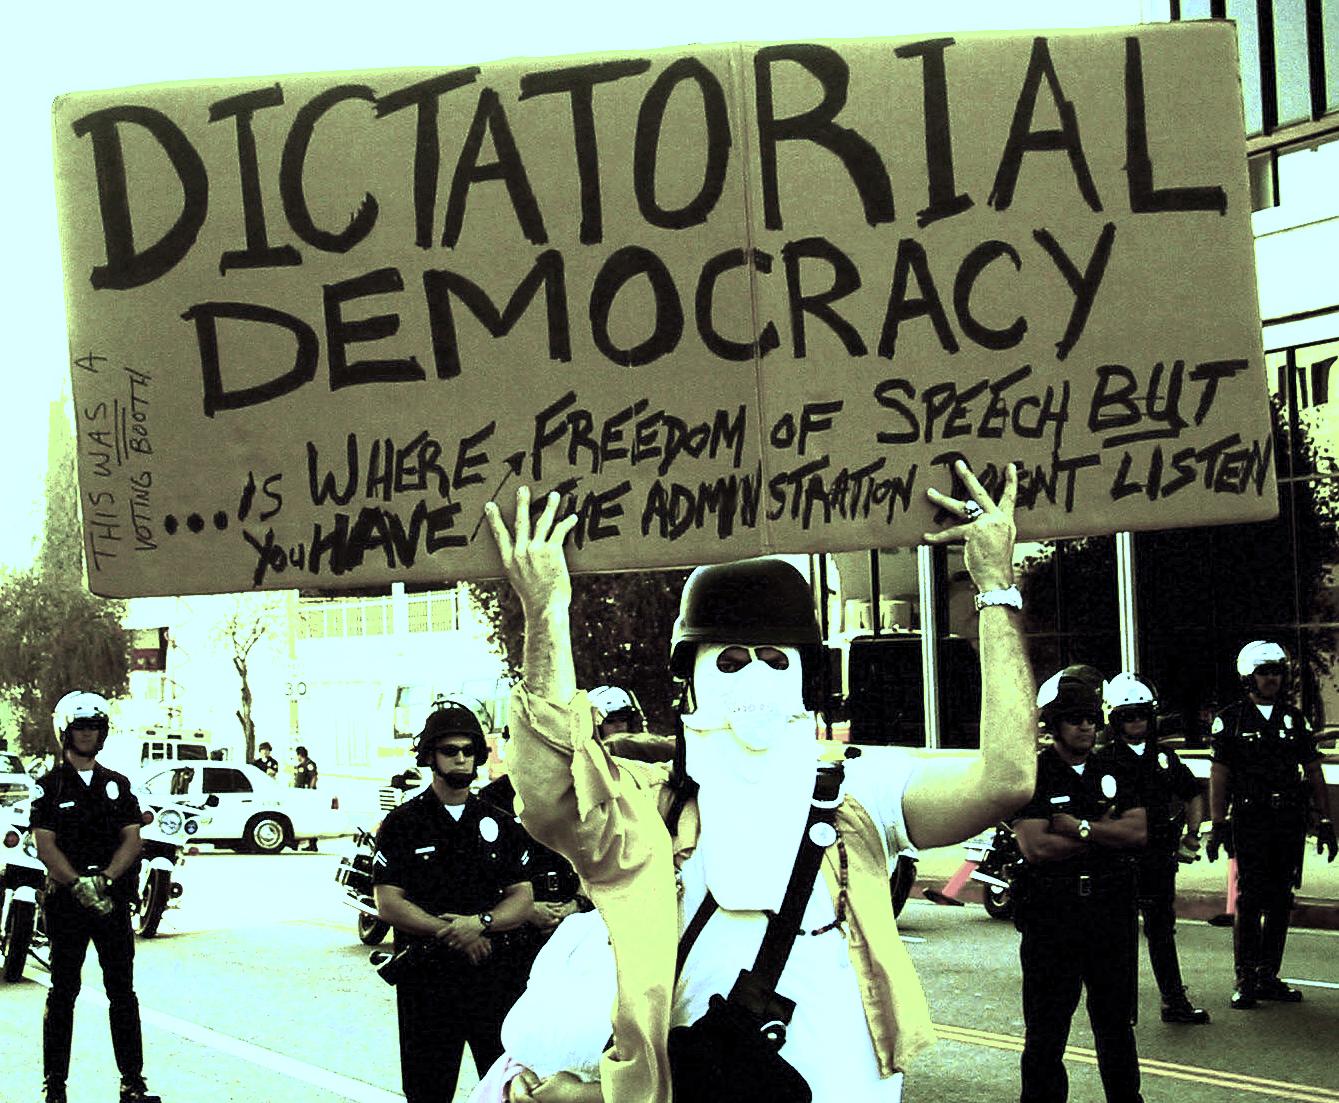 Una democrazia dittatoriale è dove si ha libertà di parola ma l'amministrazione non ascolta - ph. @ The Prophet via Flickr